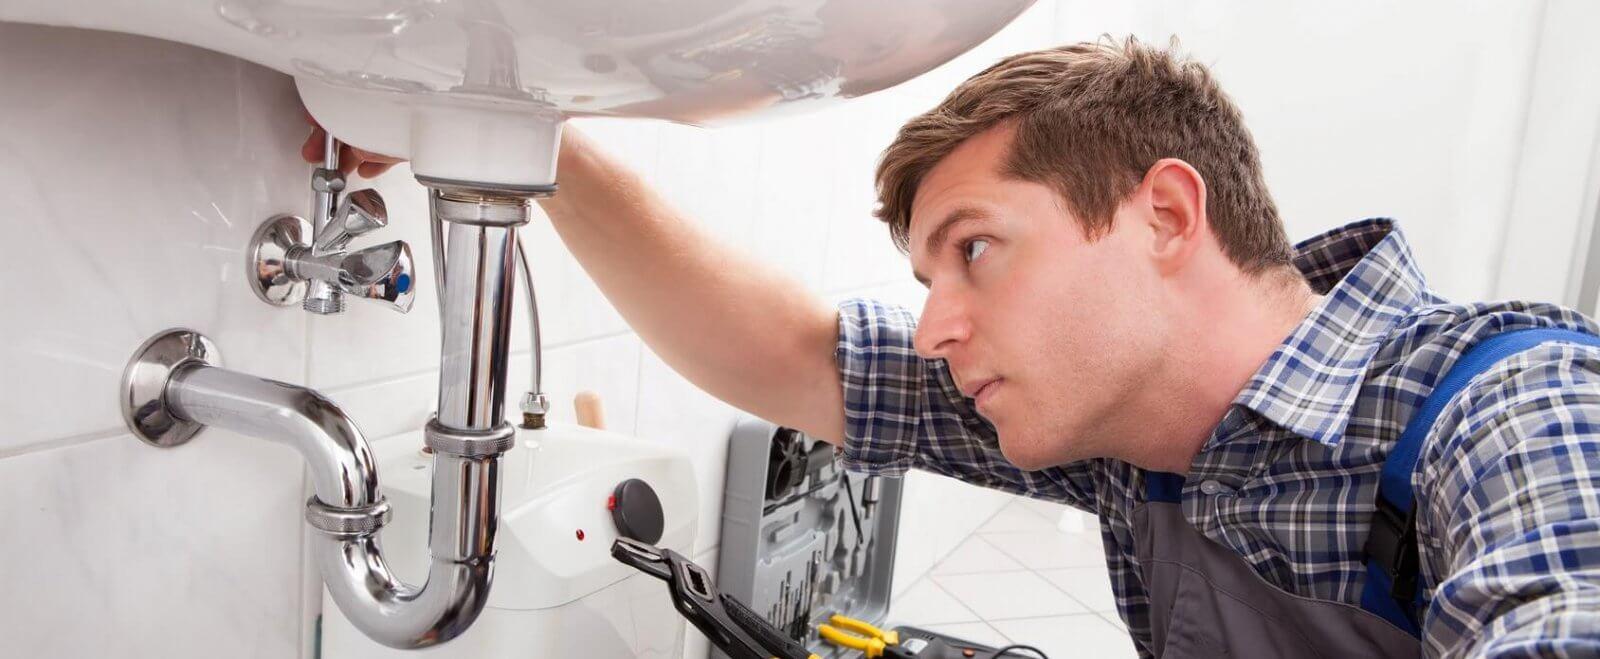 Ab 2020: Meisterpflicht für neue Handwerksbetriebe in 12 Gewerken